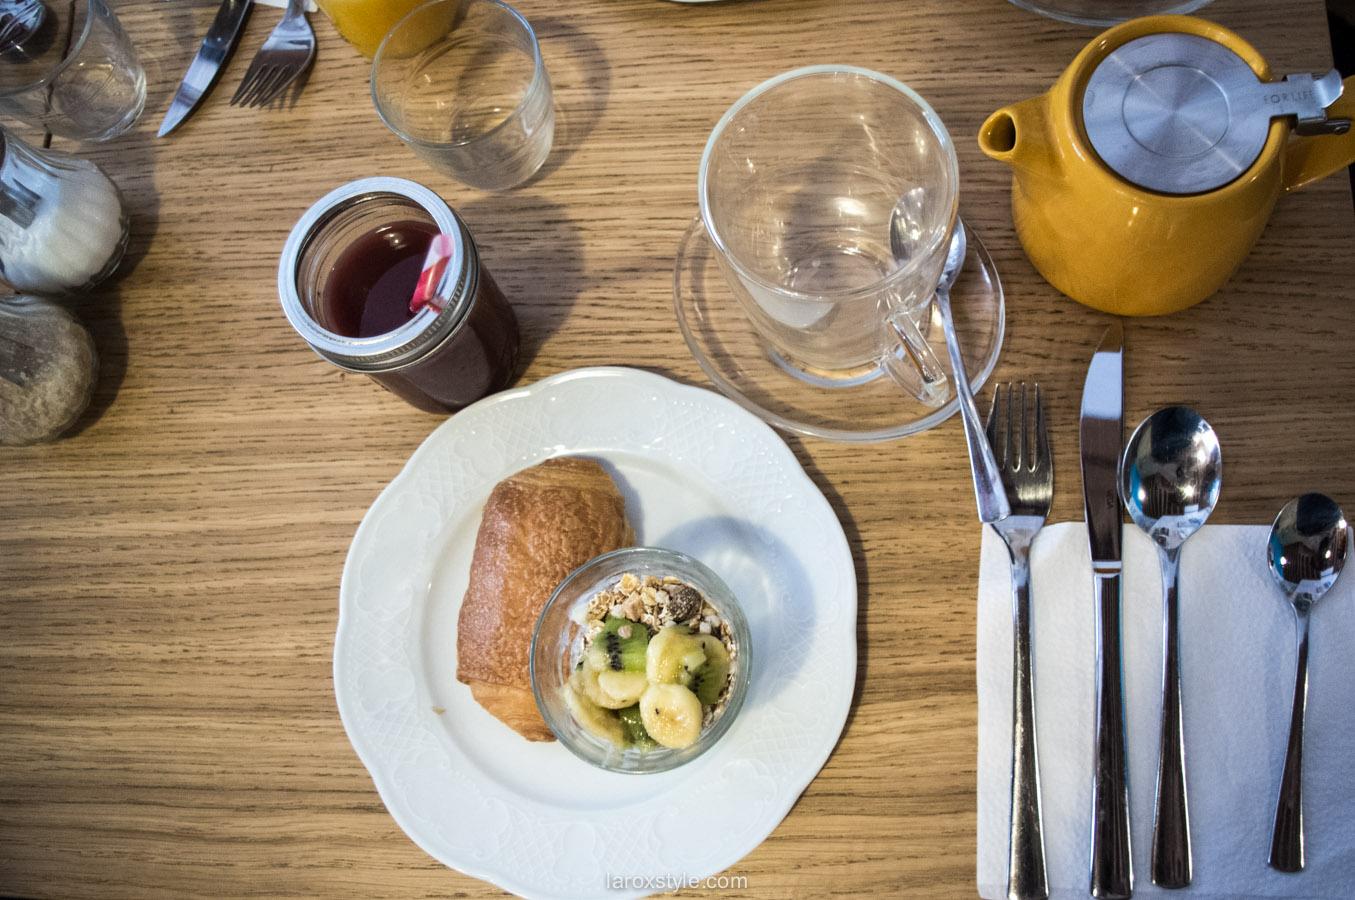 myart - cafe lyon - brunch a lyon - laroxstyle blog lifestyle -1